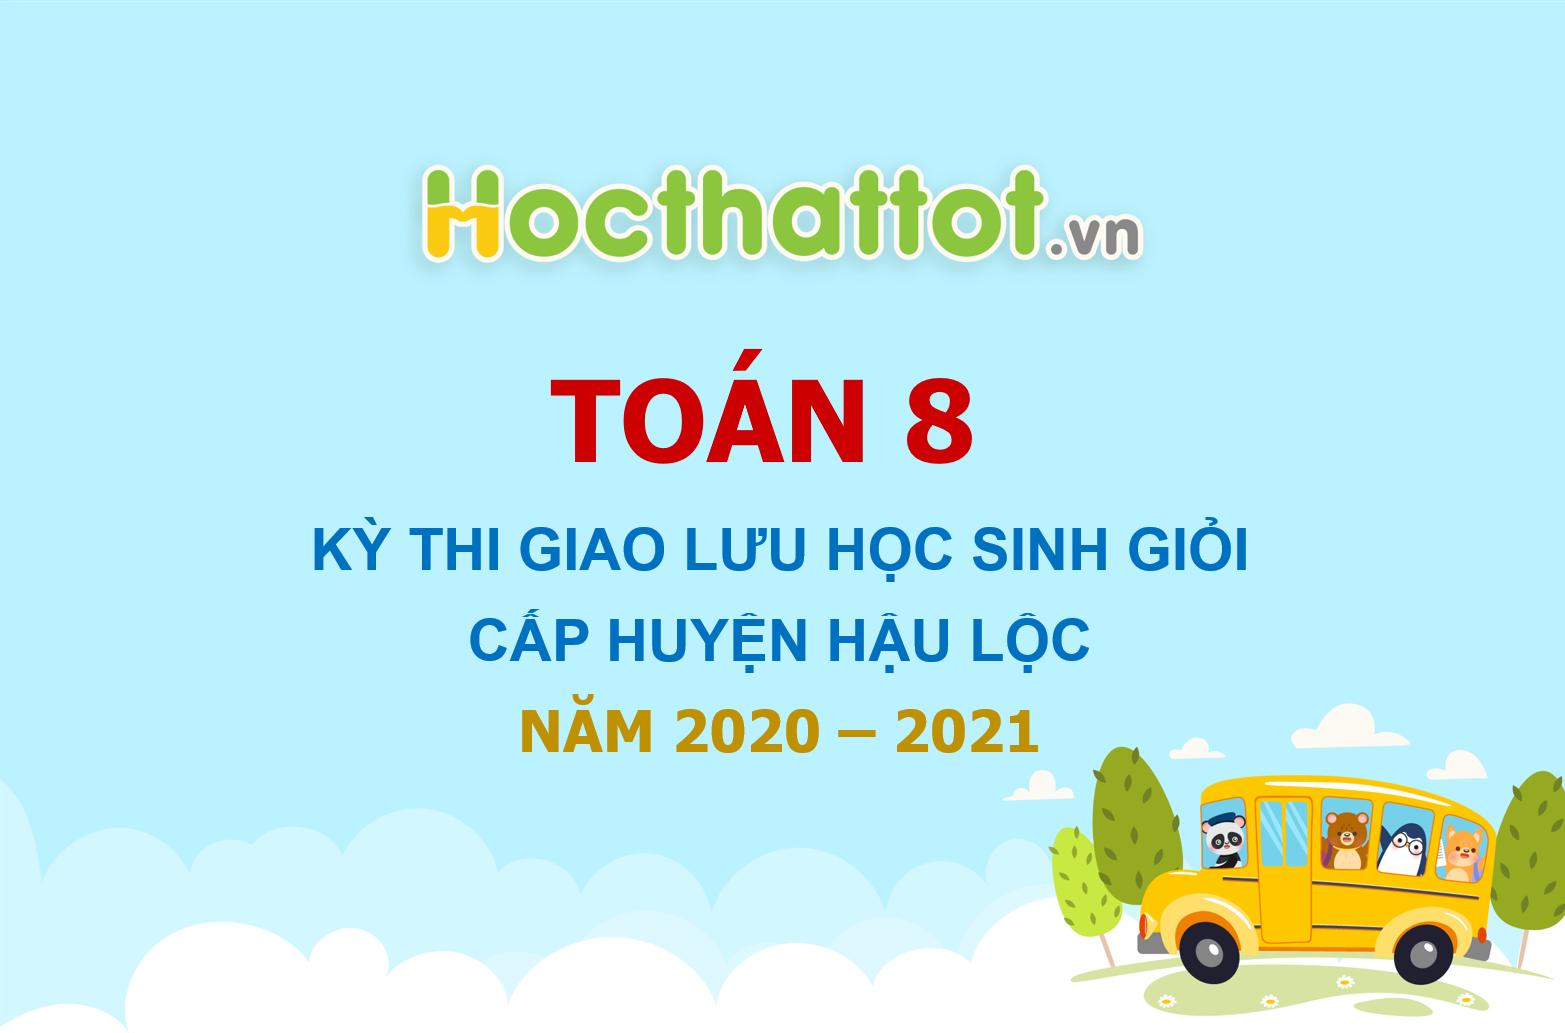 de-ki-thi-giao-luu-hoc-sinh-gioi-lop8-cap-huyen-hau-loc-nam-2020-2021